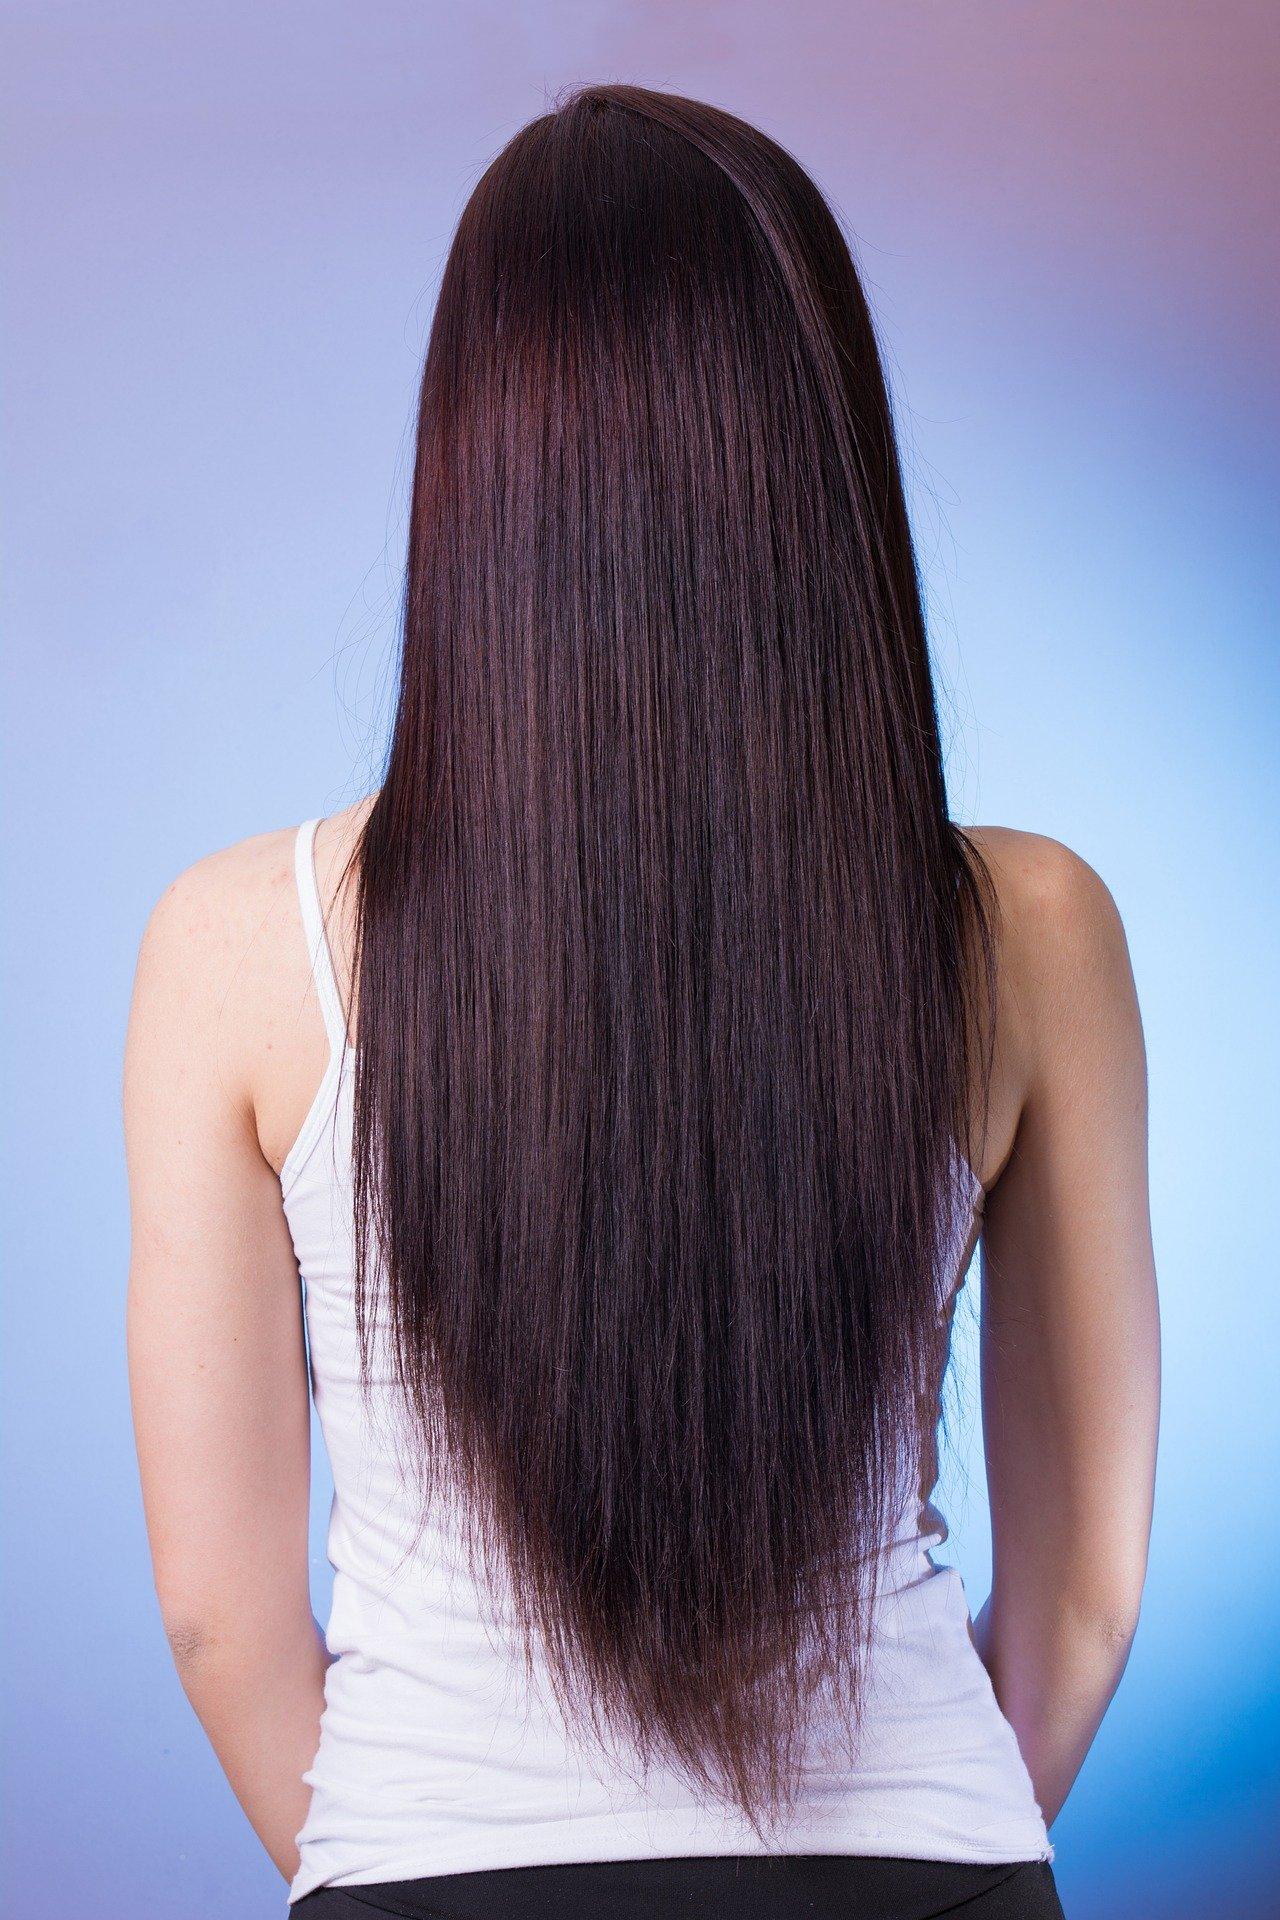 Otros consejos para mantener tu cabello hidratado